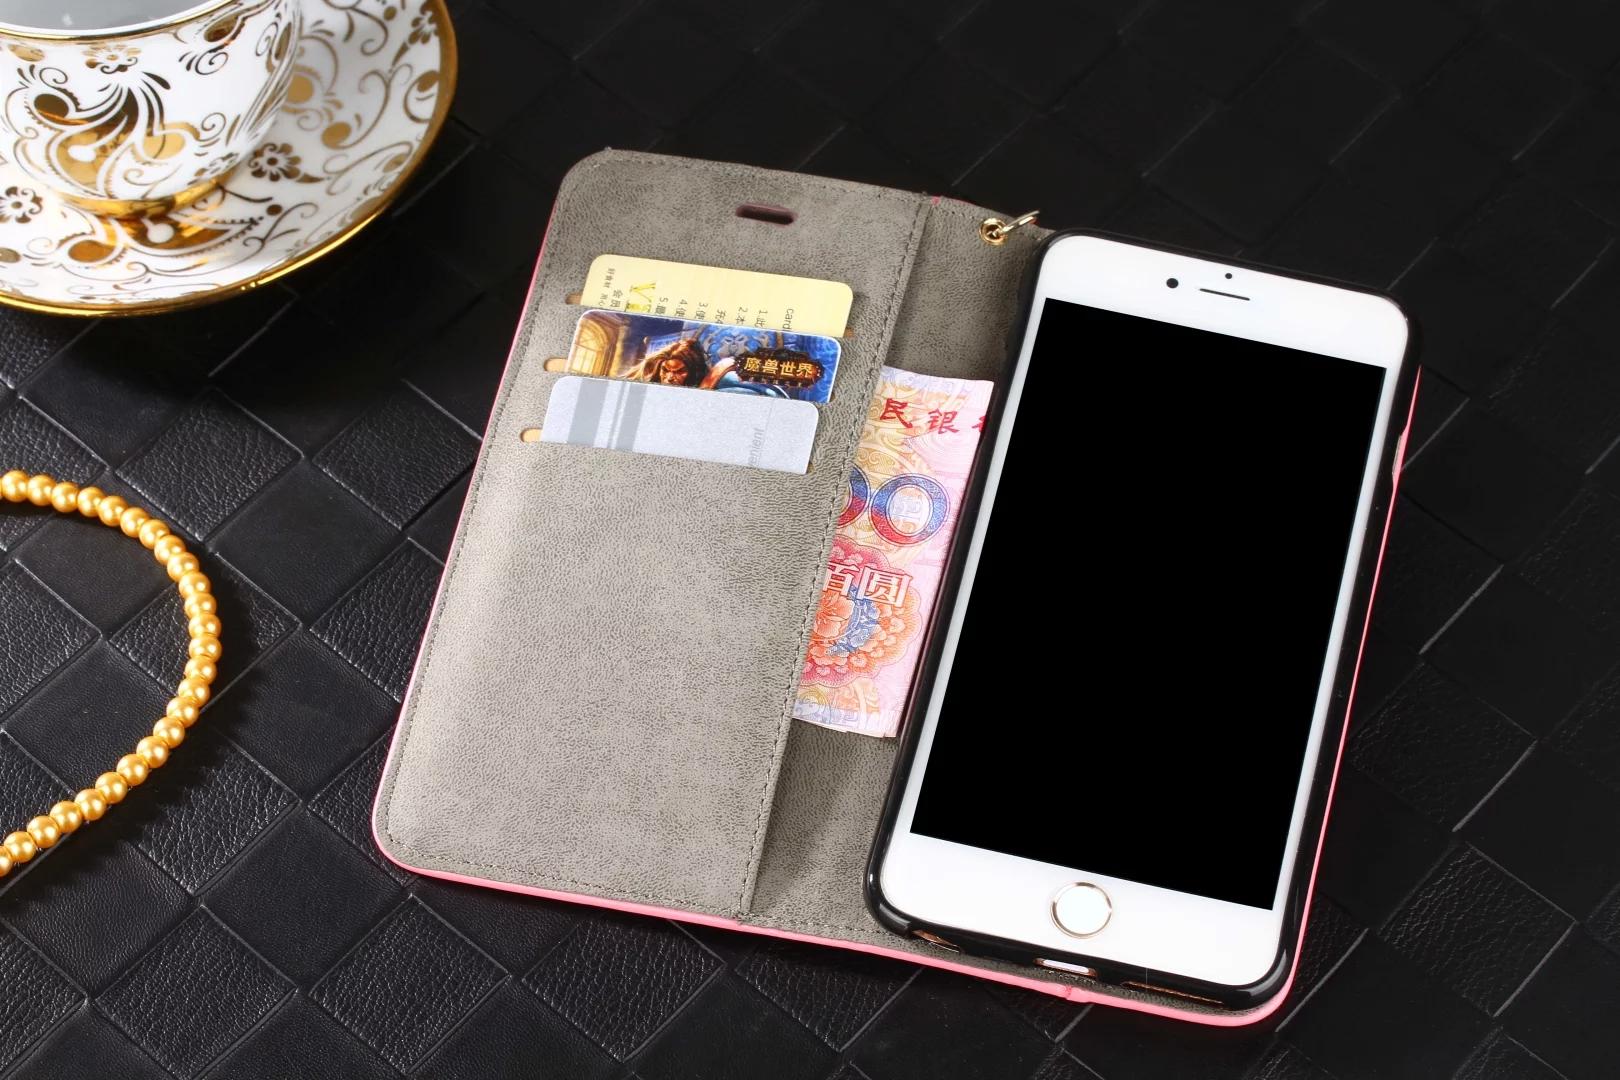 iphone silikonhülle iphone case selbst gestalten coach iphone7 hülle iphone 7 flip ca7 eitlich handycover 7lbst machen wann kommt iphone wann kommt iphone 6 raus iphone zeigt keine bilder an 7lbst gestaltete handyhülle